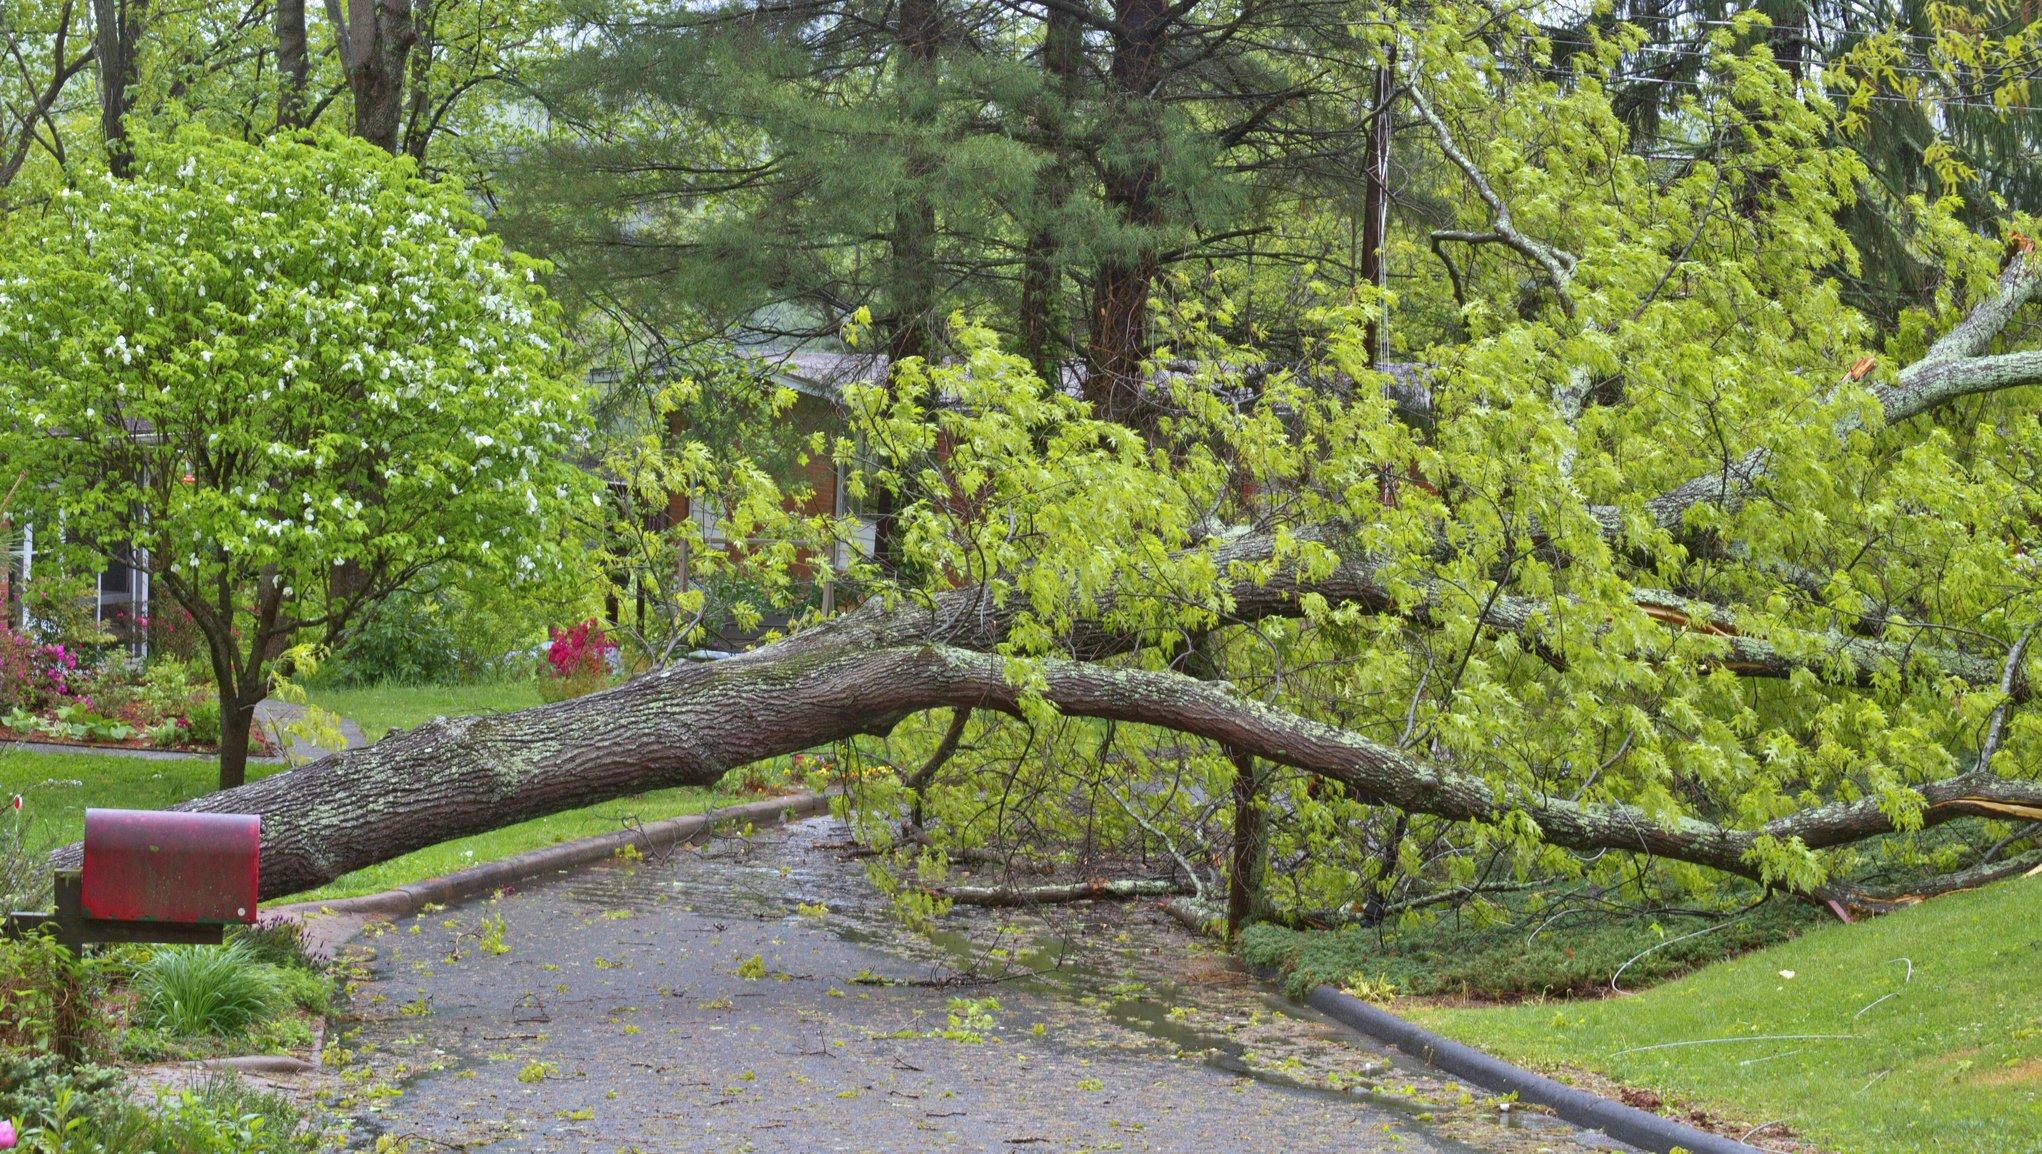 Omkullblåst träd